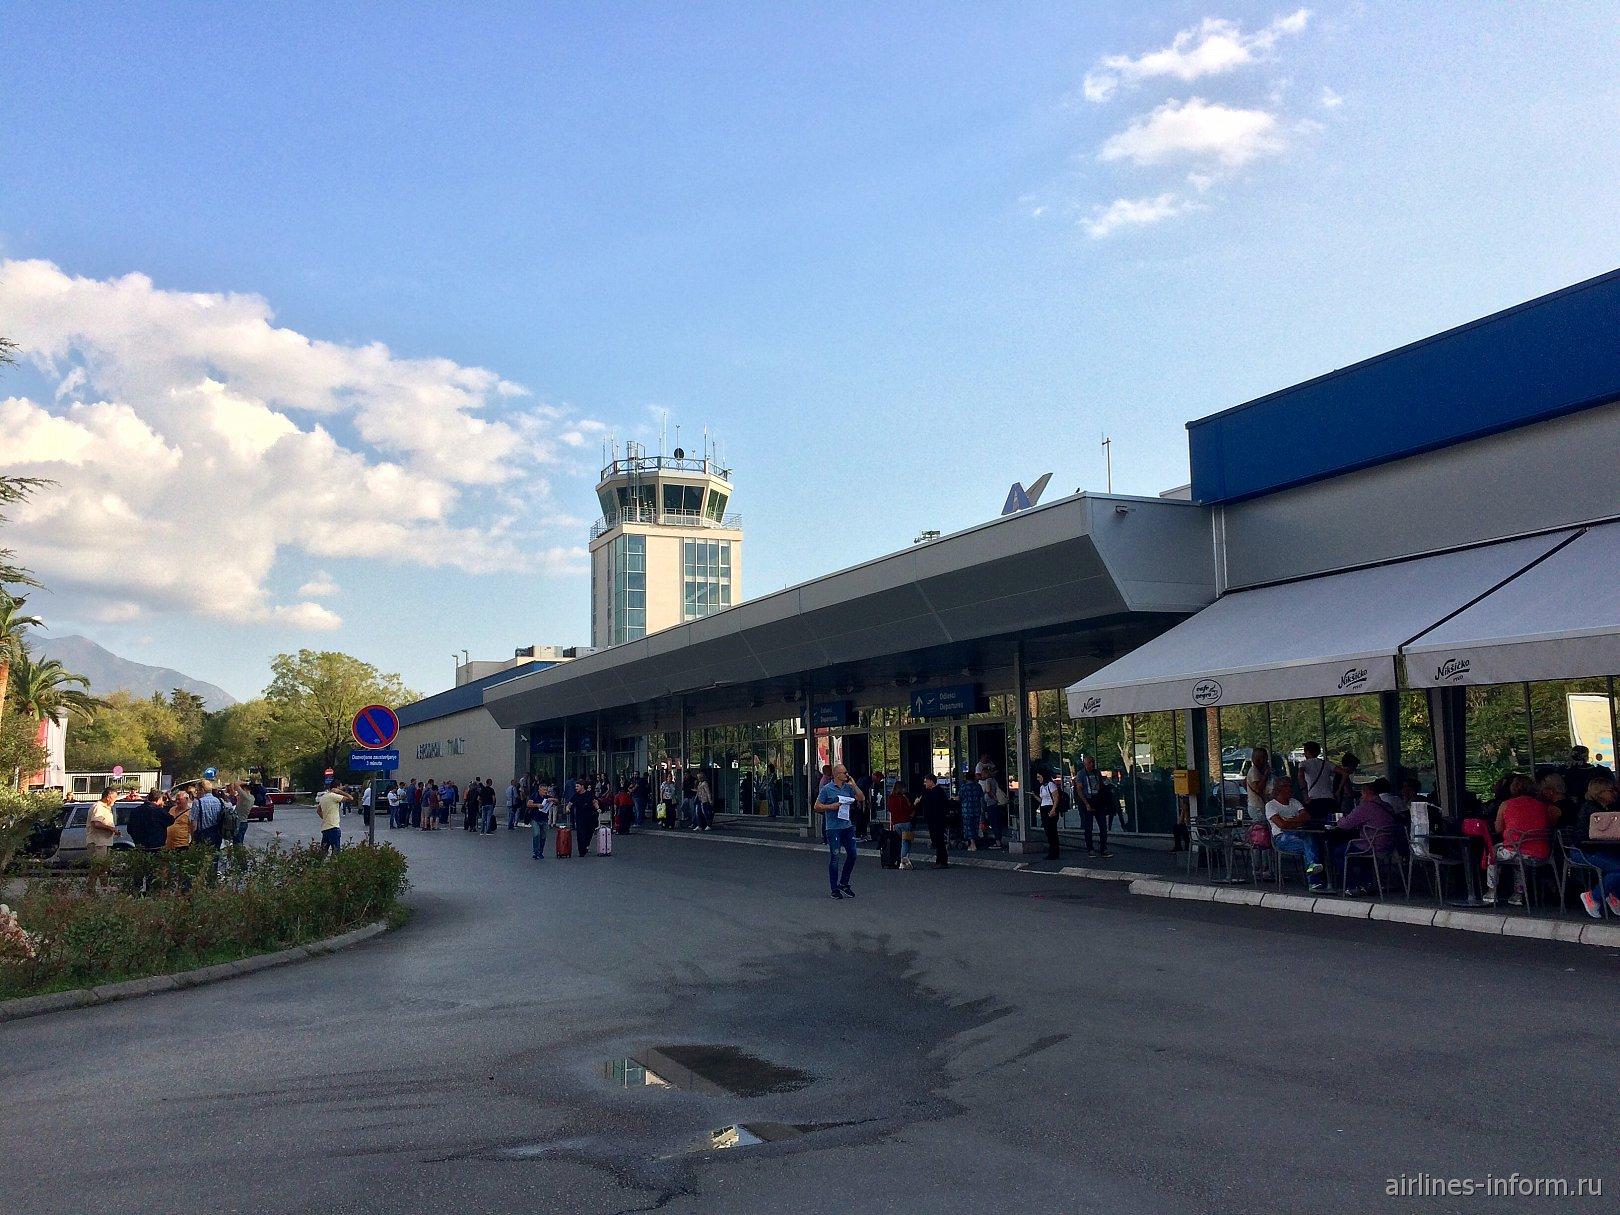 Пассажирский терминал аэропорта Тиват со стороны привокзальной площади